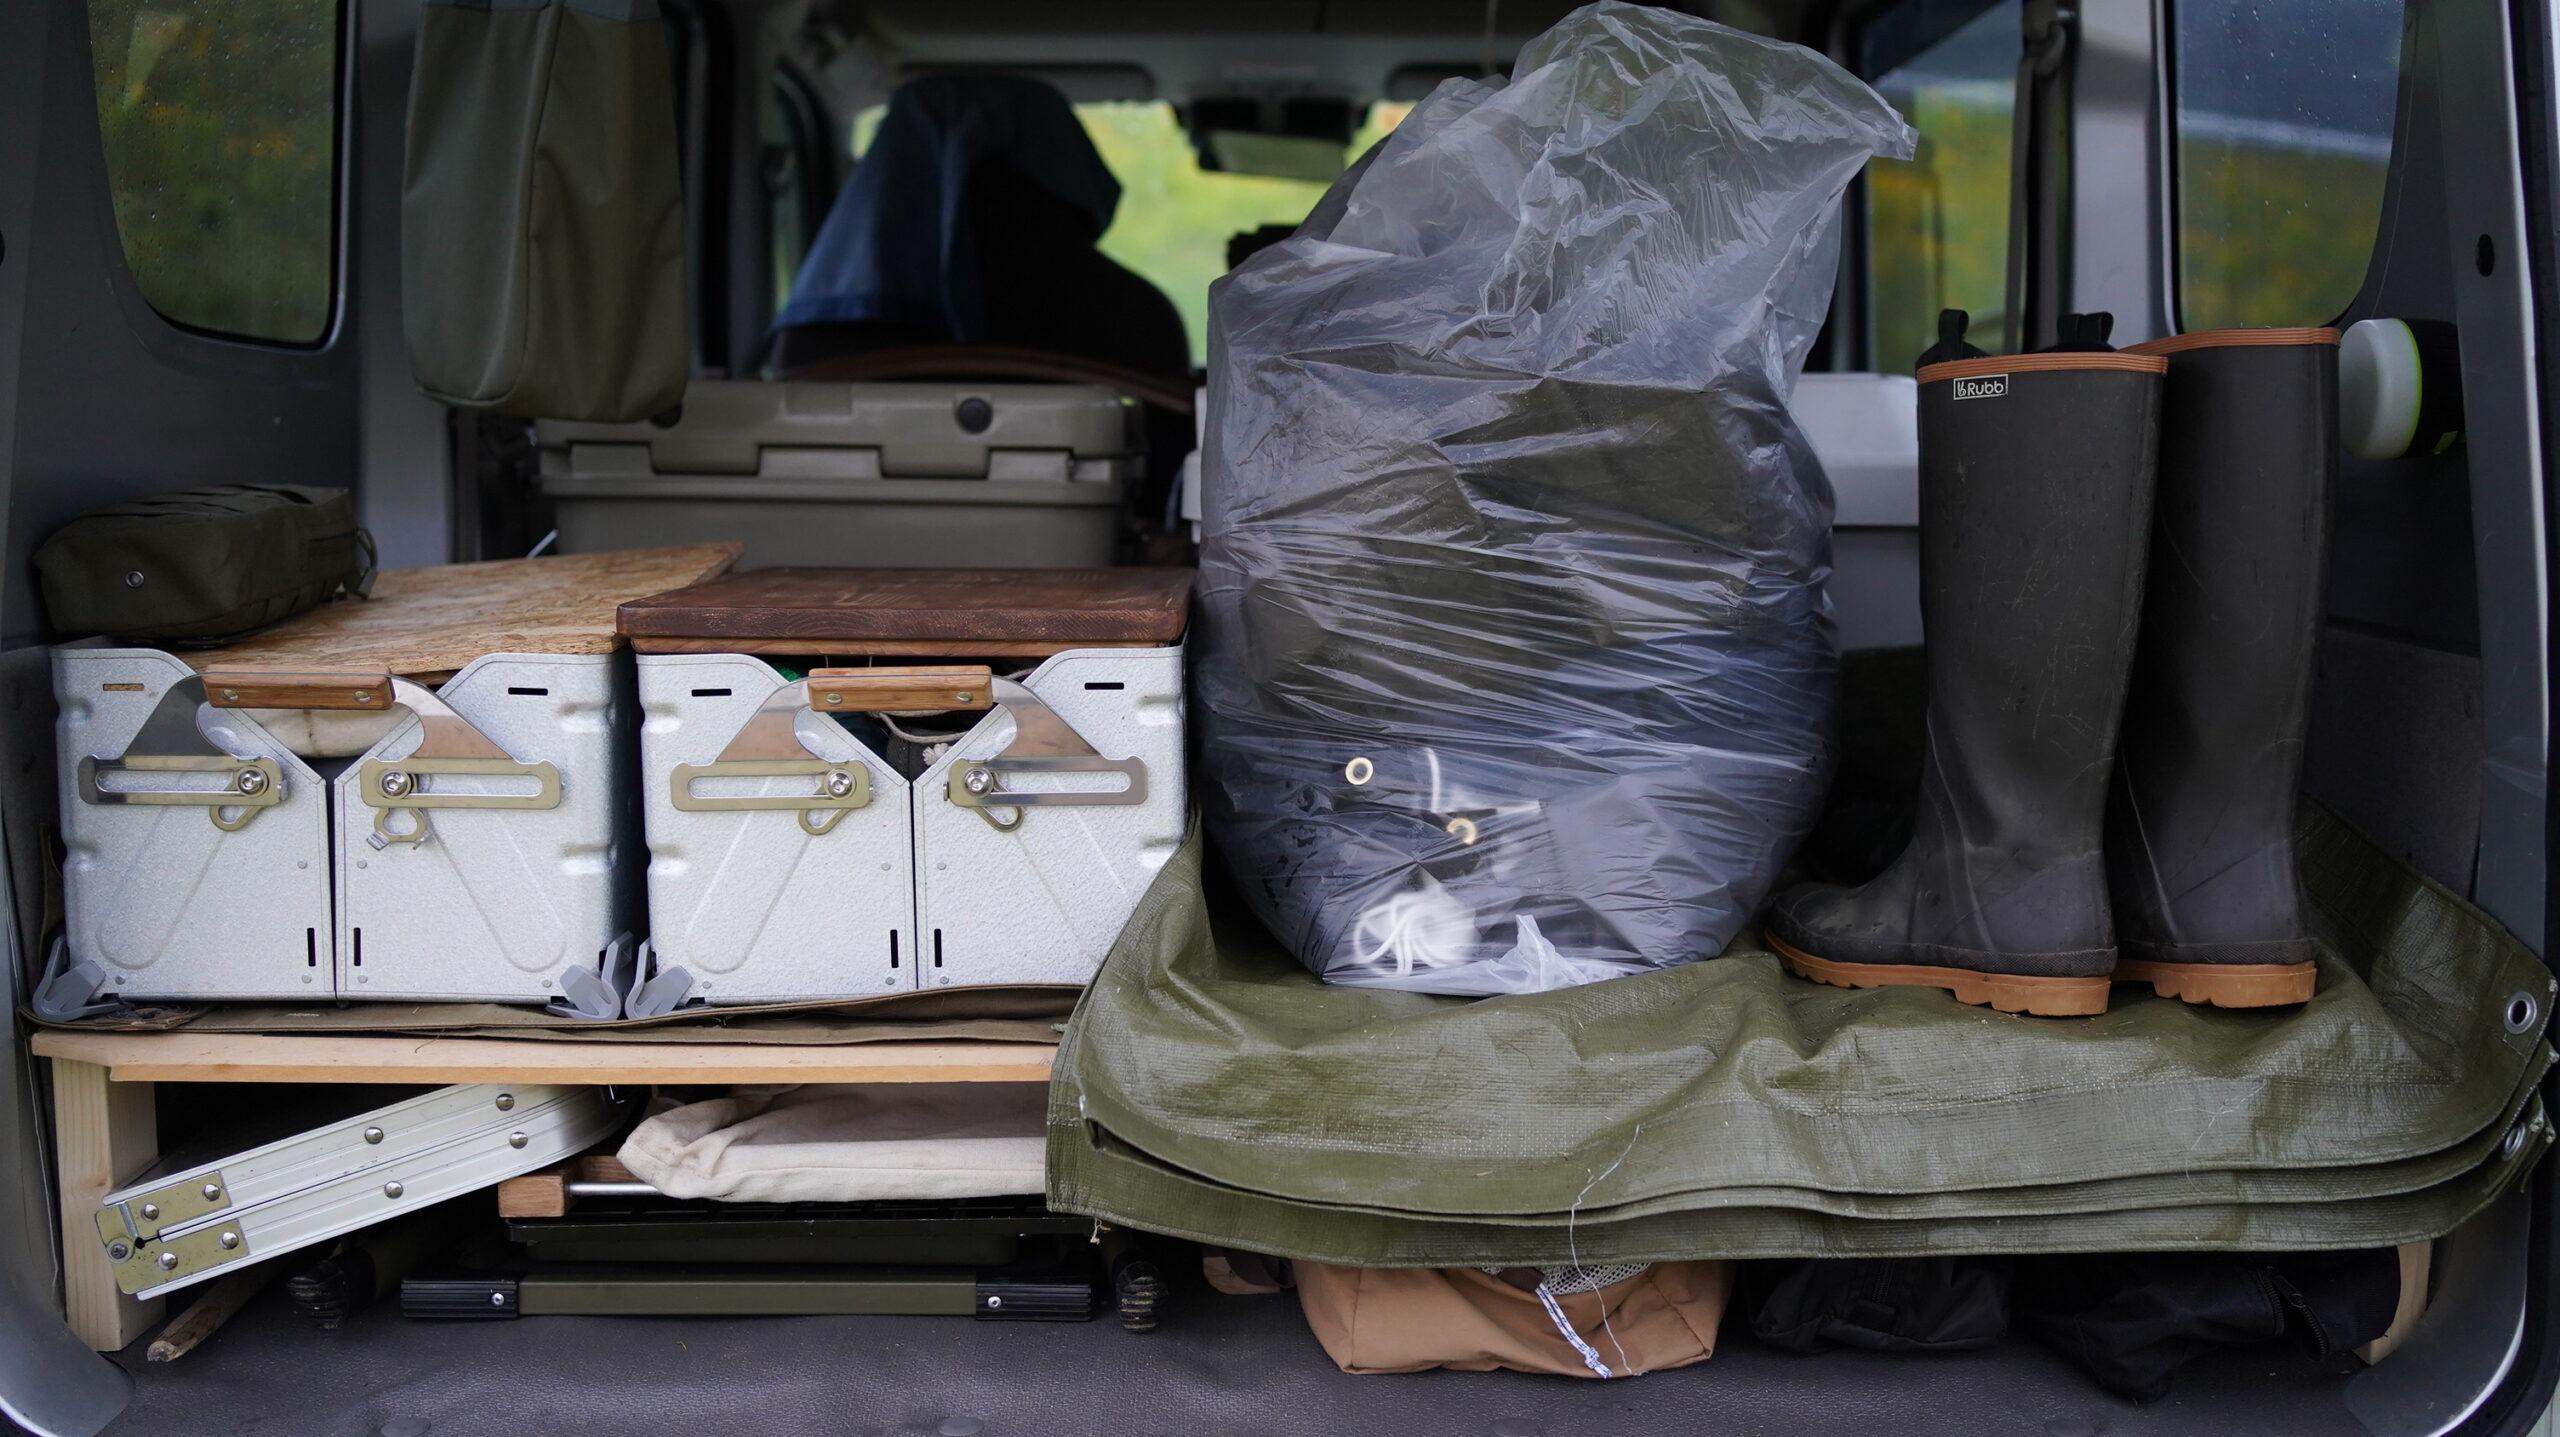 キャンプの雨対策と必需品のまとめ